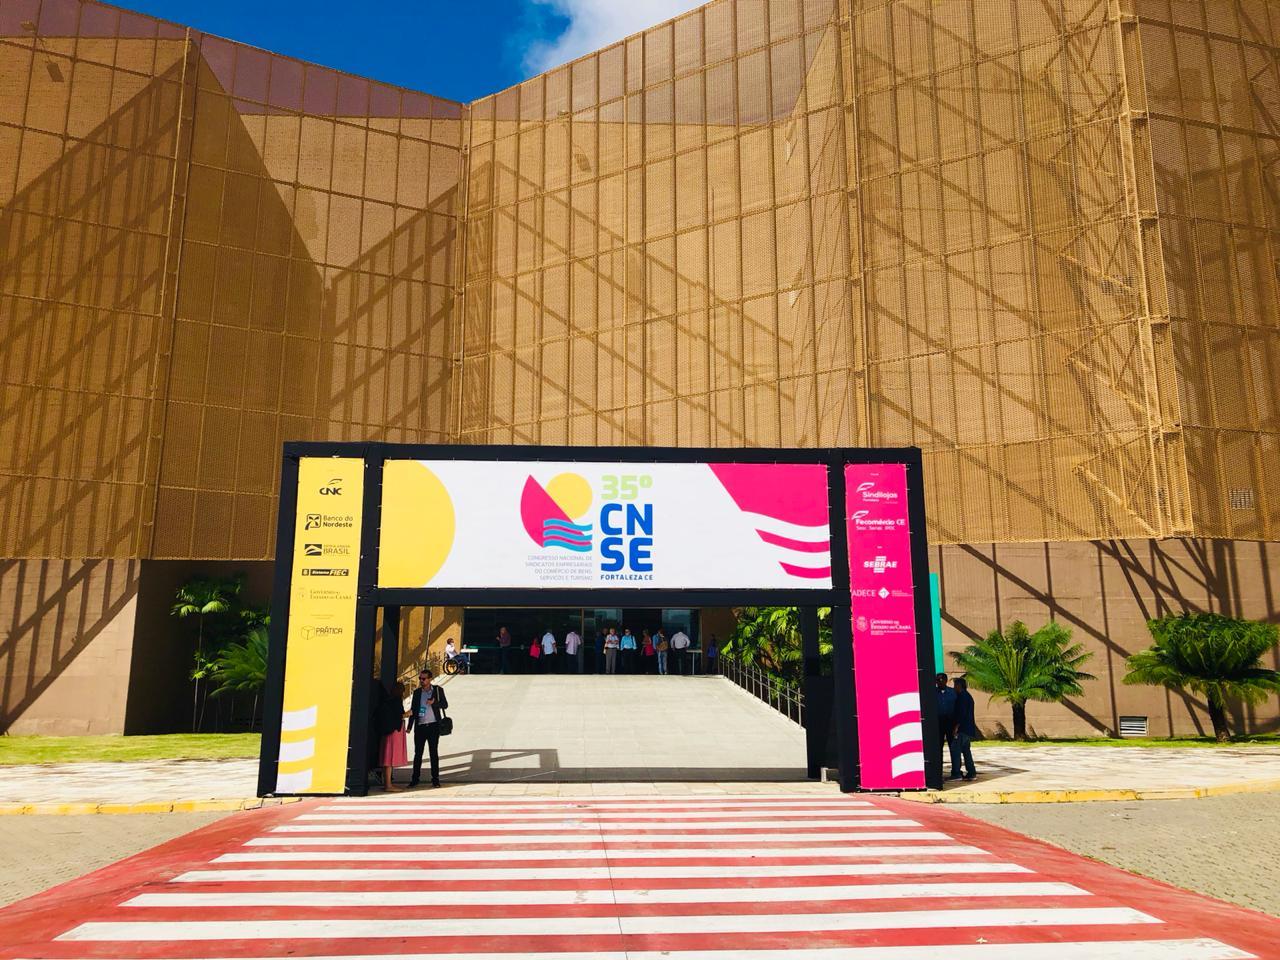 Centro de Eventos recebe três grandes eventos nesta semana e fica com 85% de ocupação